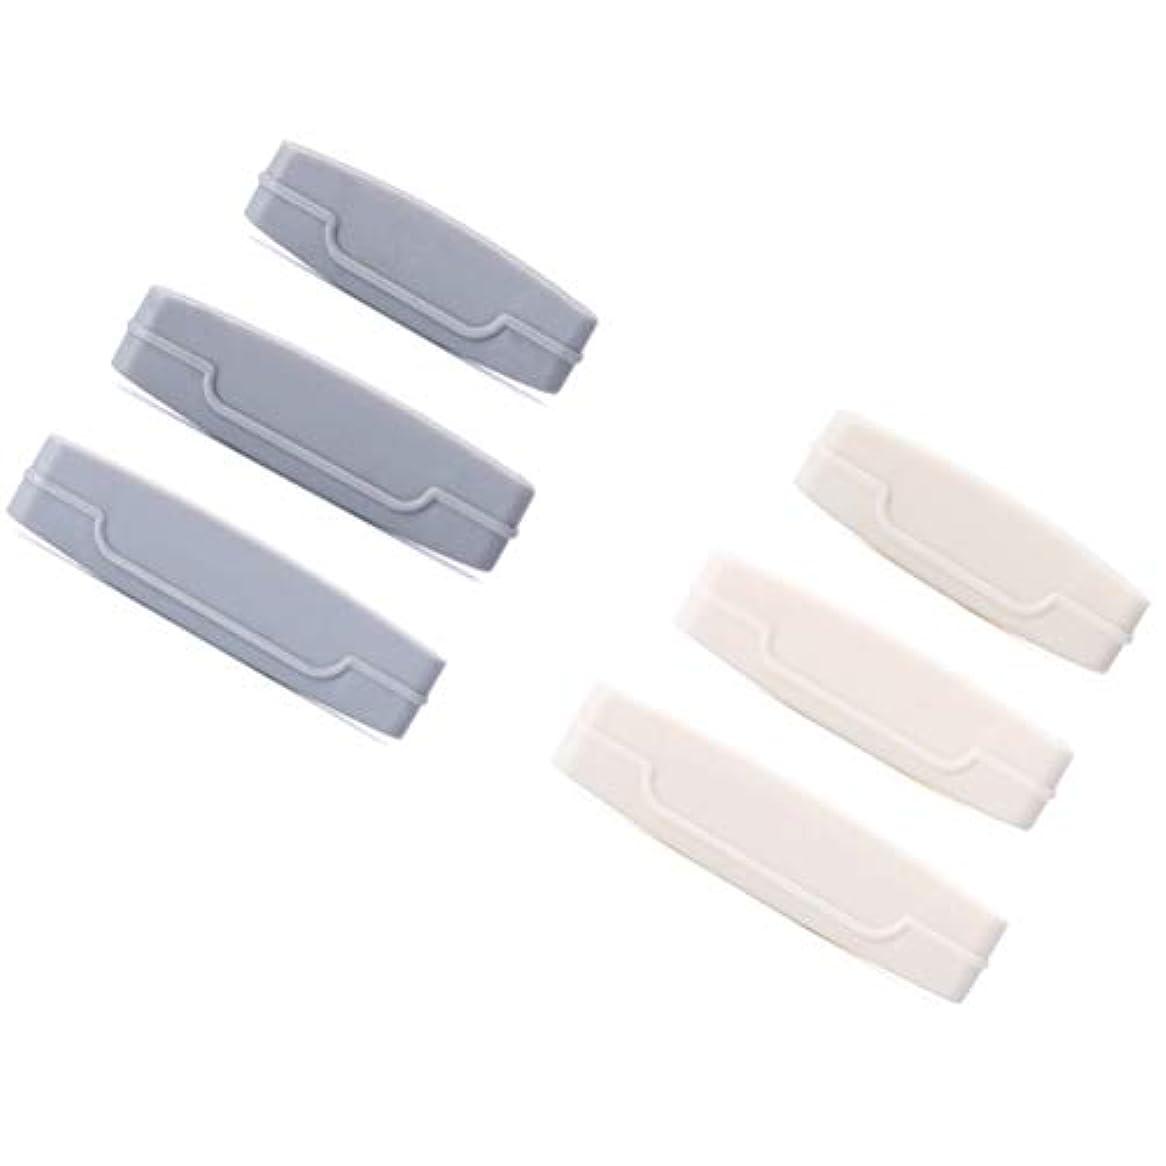 加入ファーム裏切るTOPBATHY 6本入り歯磨き粉チューブスクイーズディスペンサー歯磨き粉ごみ減量用クレンザー用押出機クリップ(灰白)